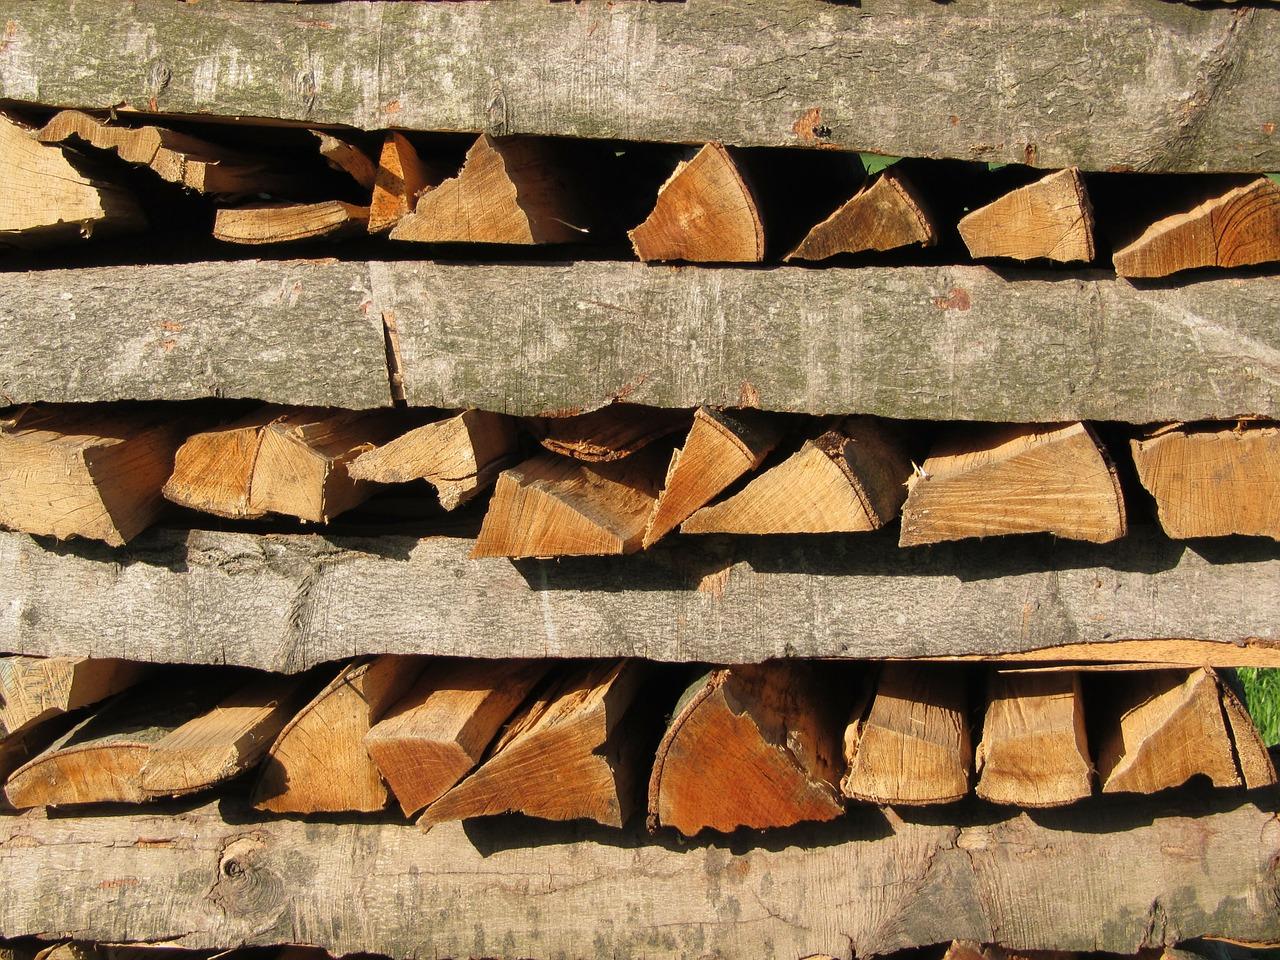 как сложить дрова красиво 1